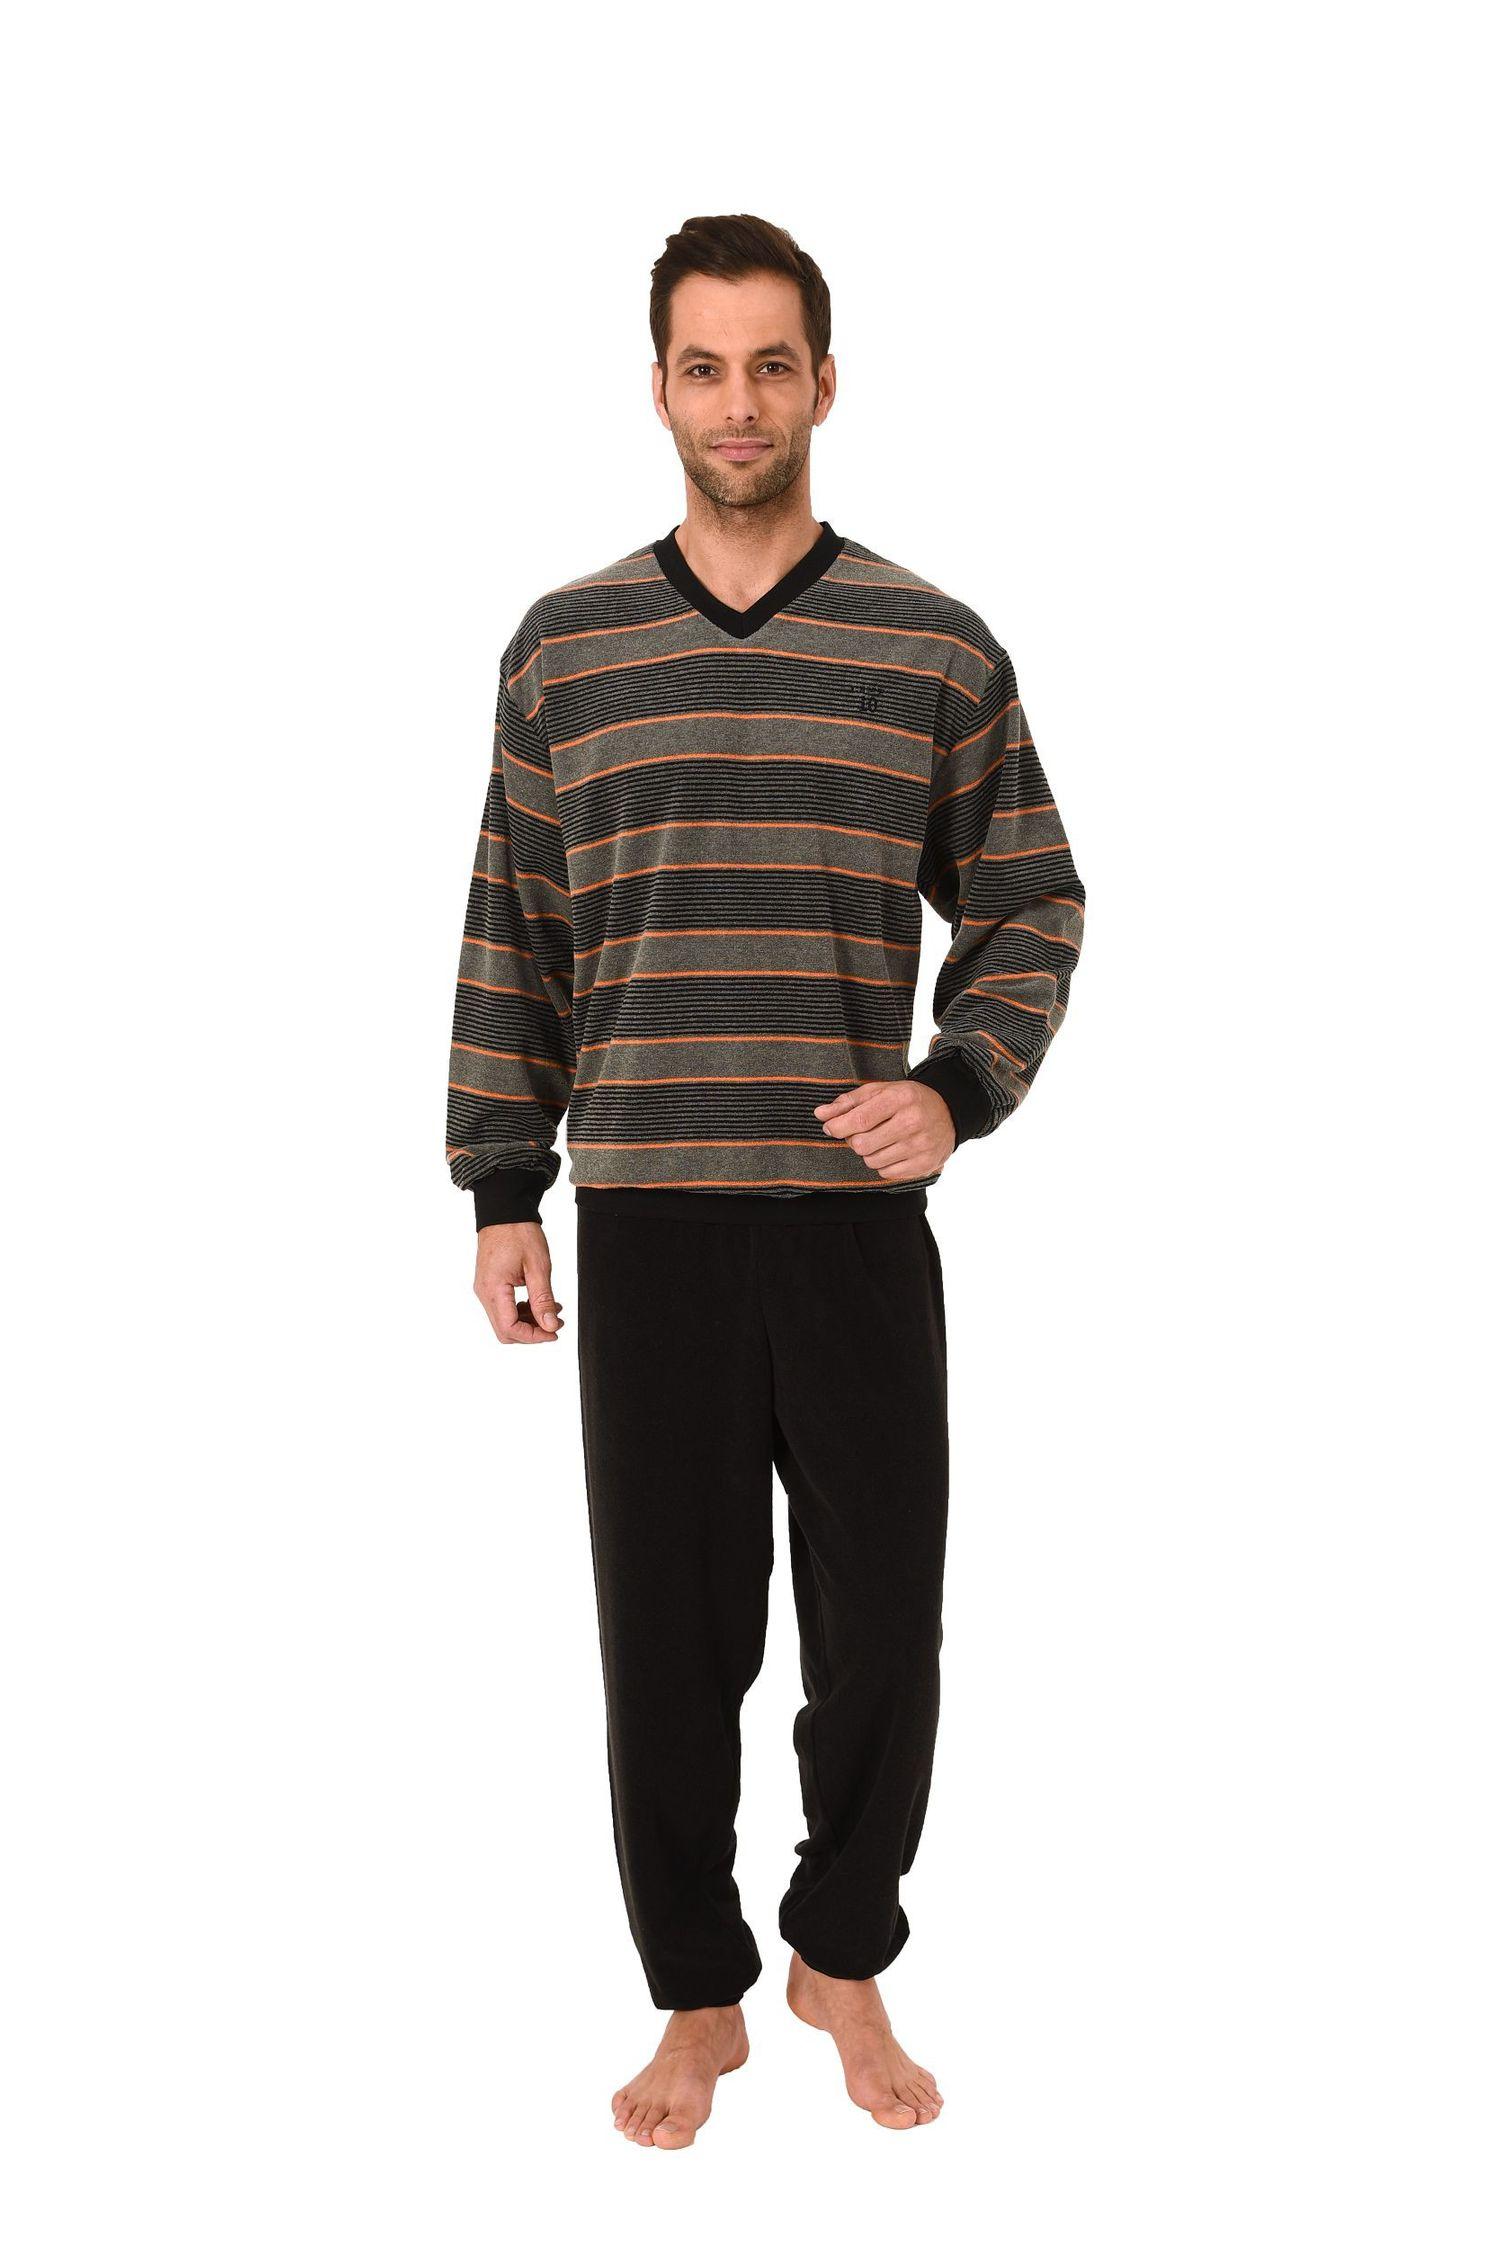 Edler Herren Frottee Pyjama lang mit Bündchen in Streifenoptik – 271 101 93 003